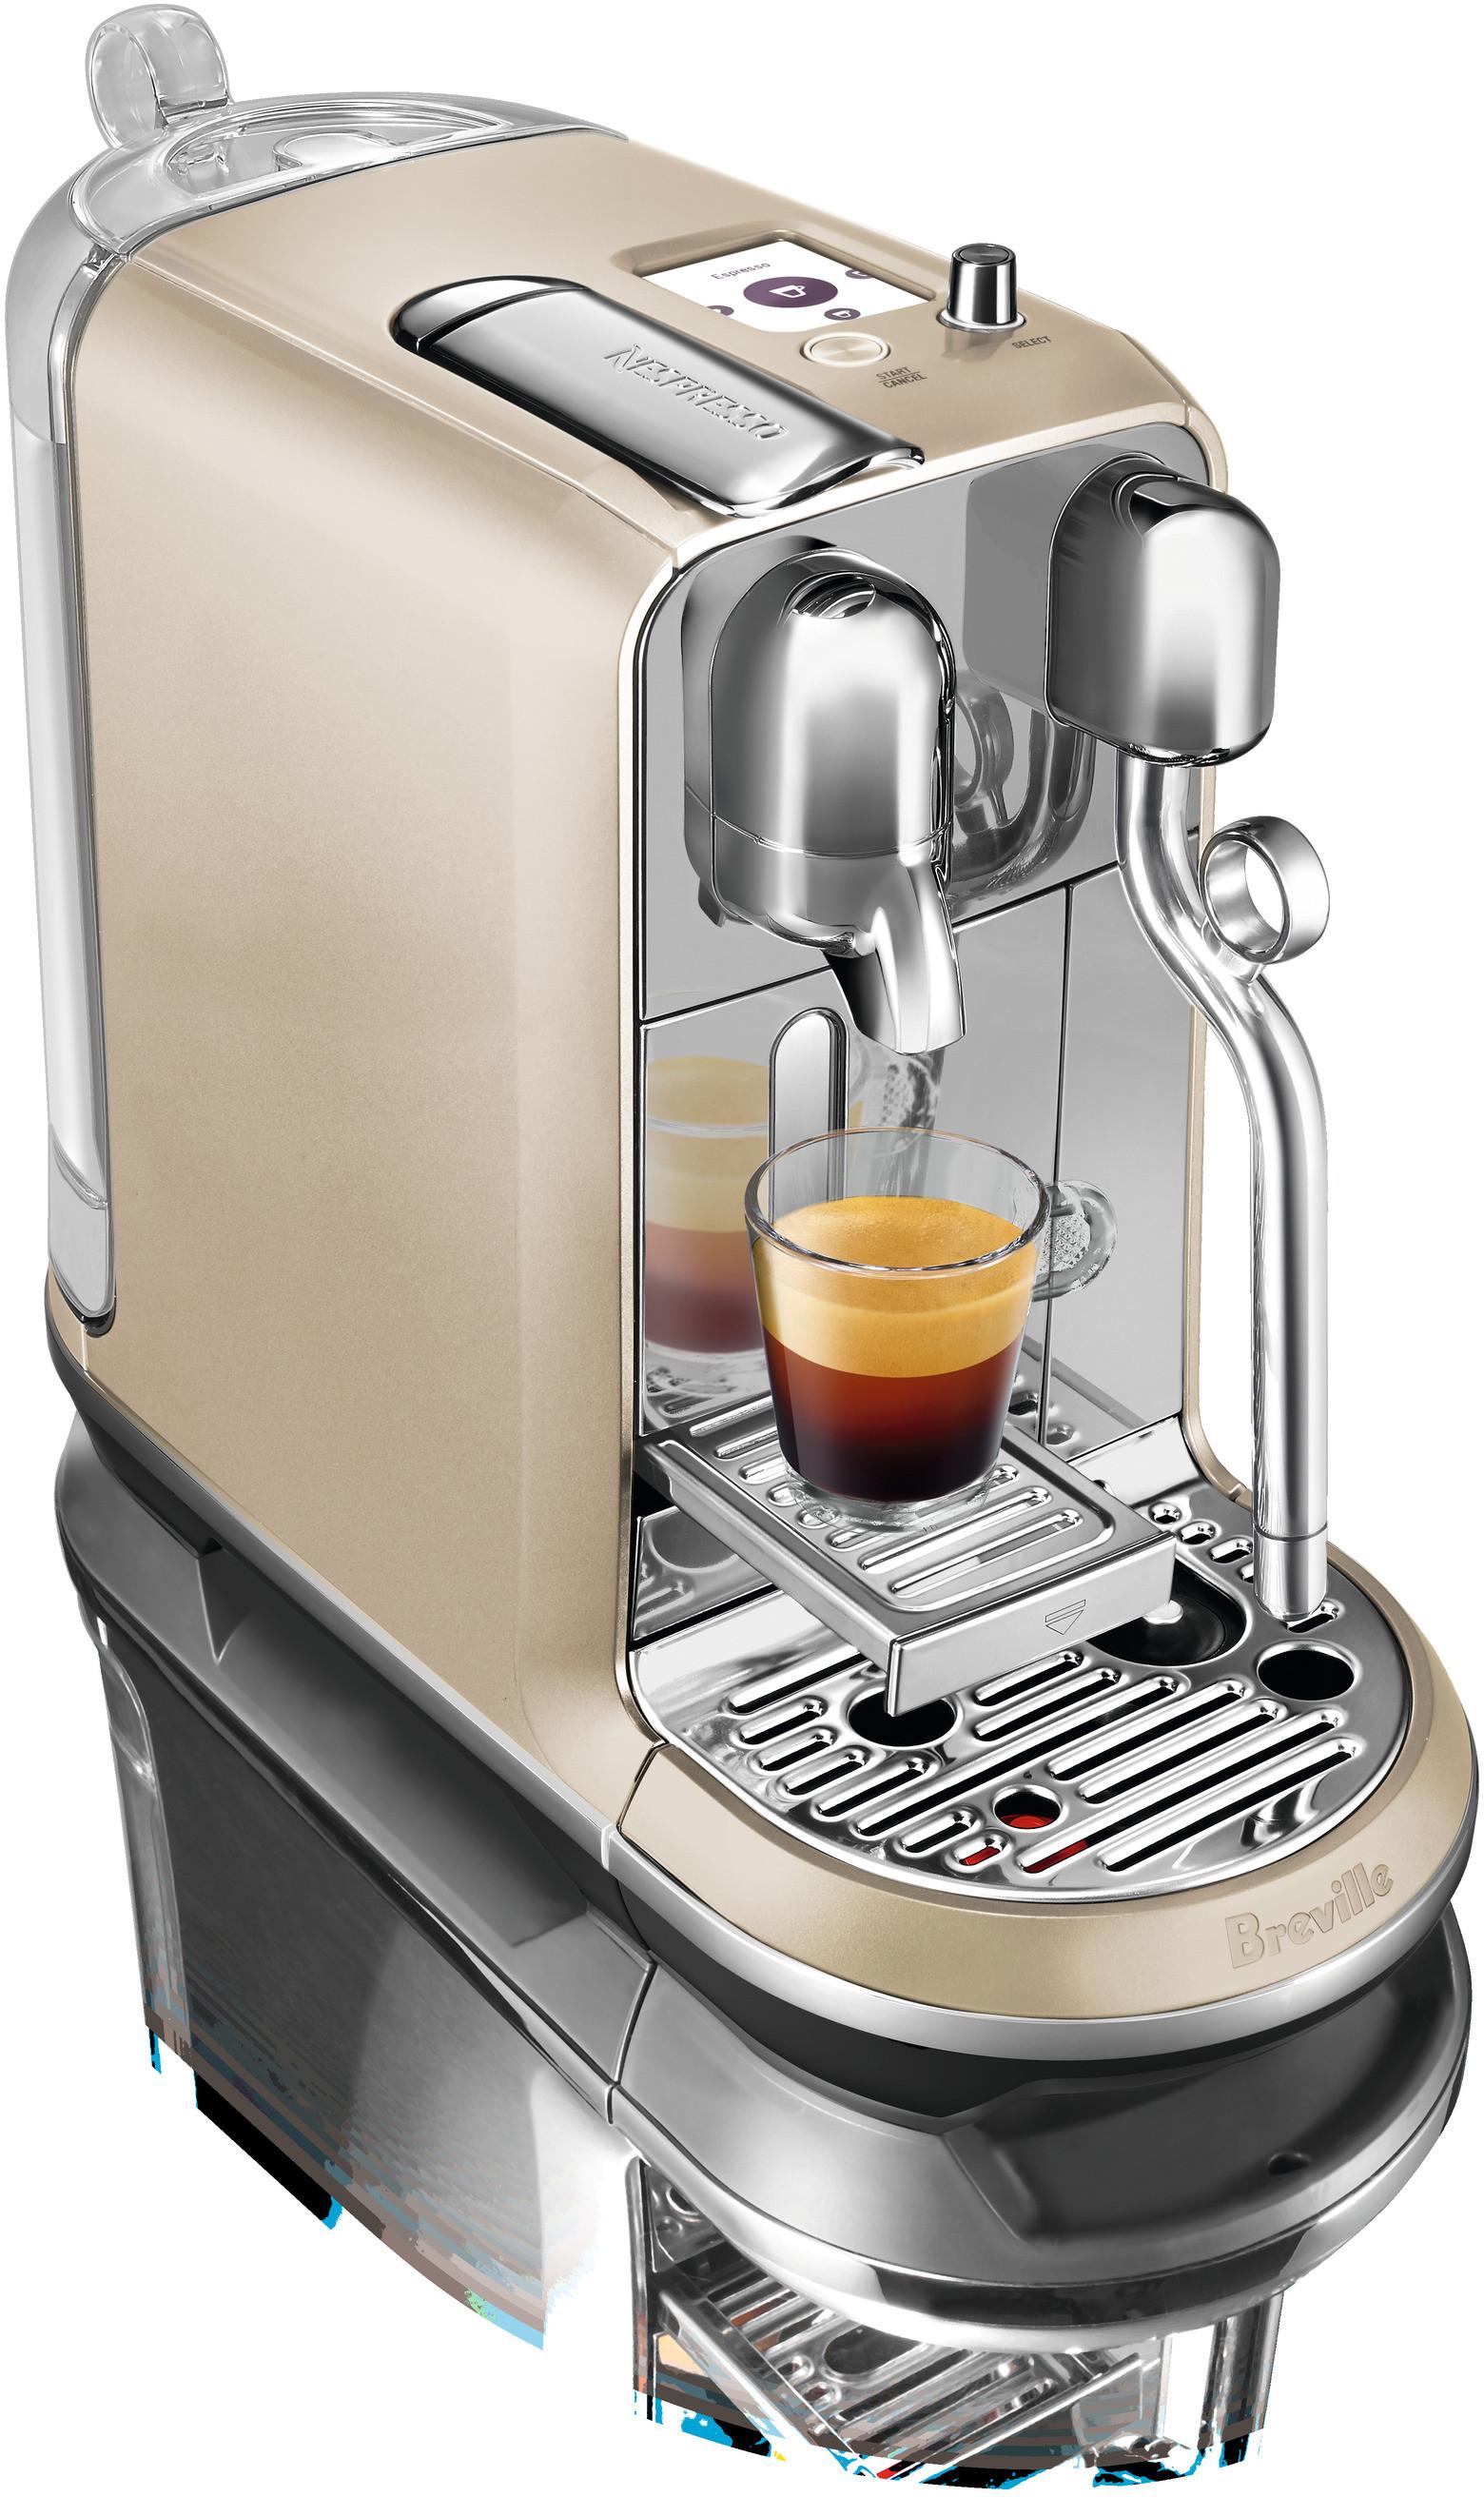 Breville Nespresso Creatista Single Serve Espresso Machine with Milk Auto Steam